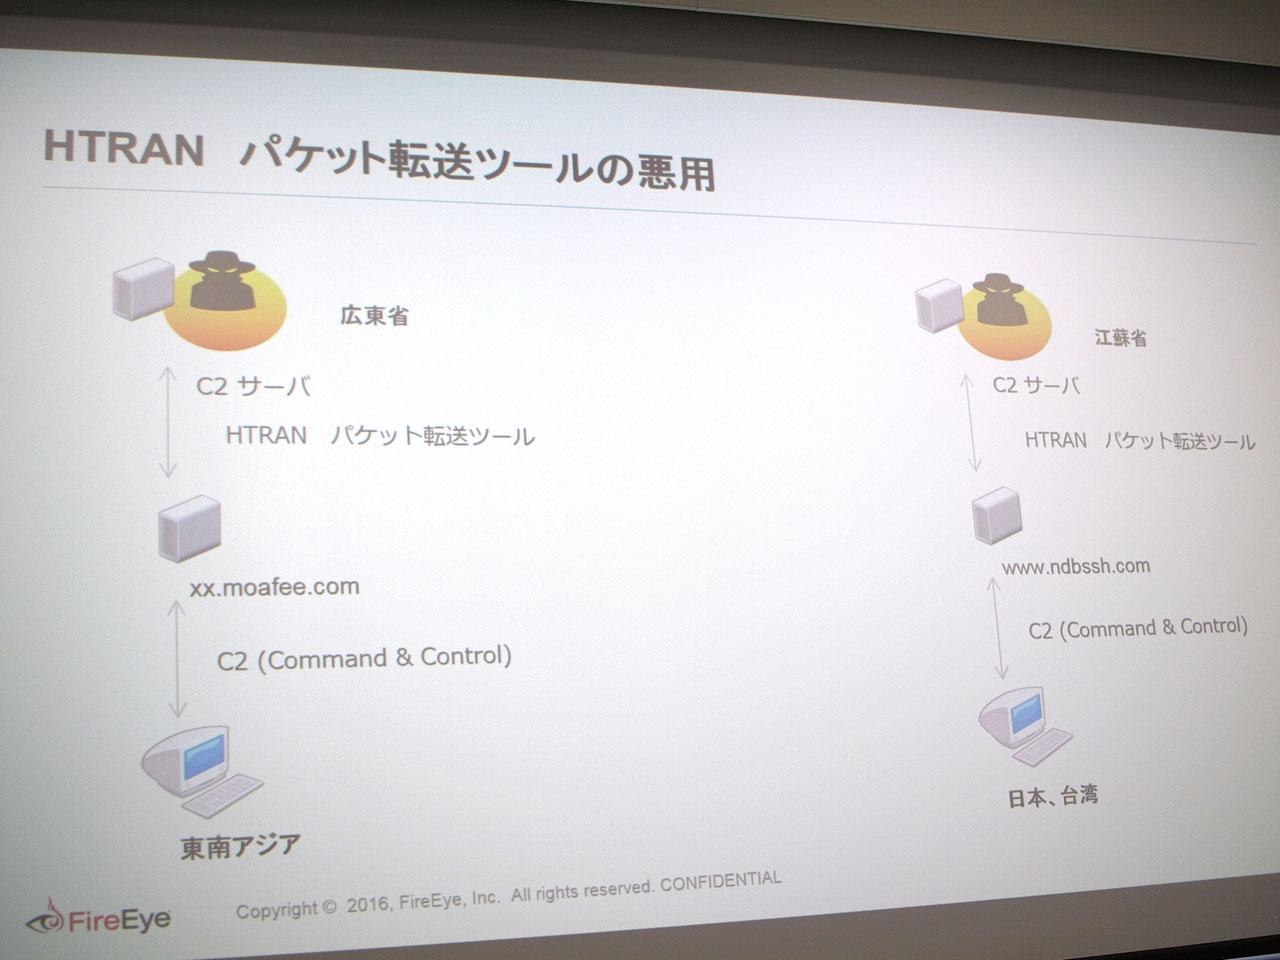 2014年のAPT攻撃では、DragonOKというグループが「HTRAN」を使い、中国江蘇省より日本や台湾、東南アジアに攻撃を行っていた